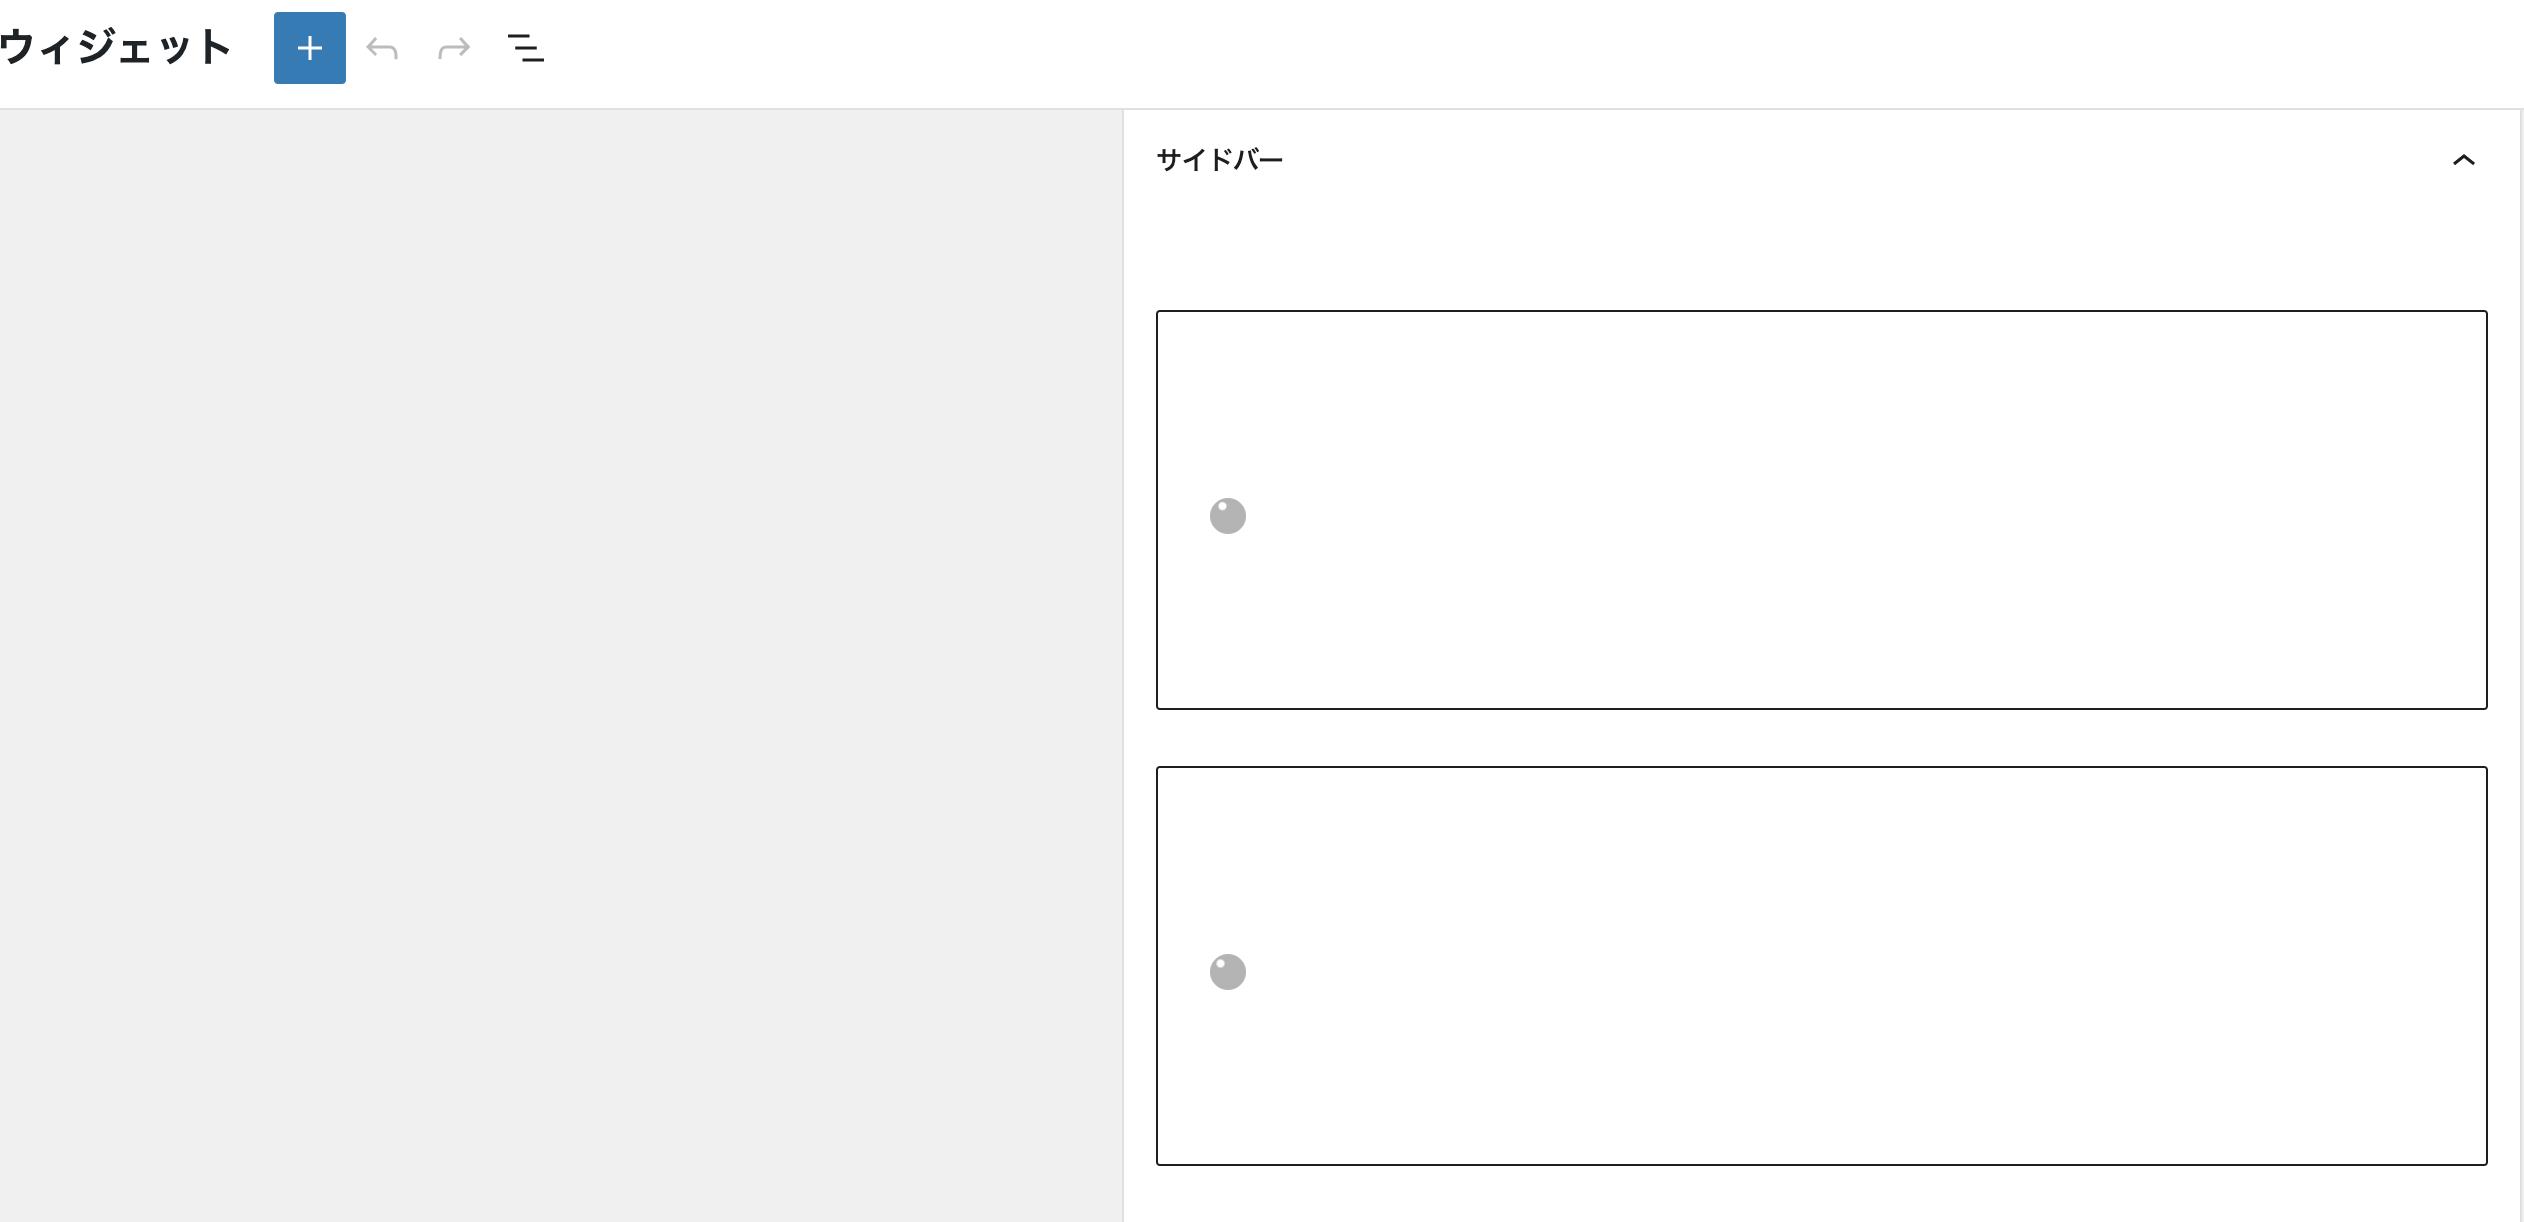 スクリーンショット 2021 08 09 17.28.23 - 【WordPress】Classic Widgetsのインストールと使い方【従来の今までのウィジェット画面に戻すプラグイン】